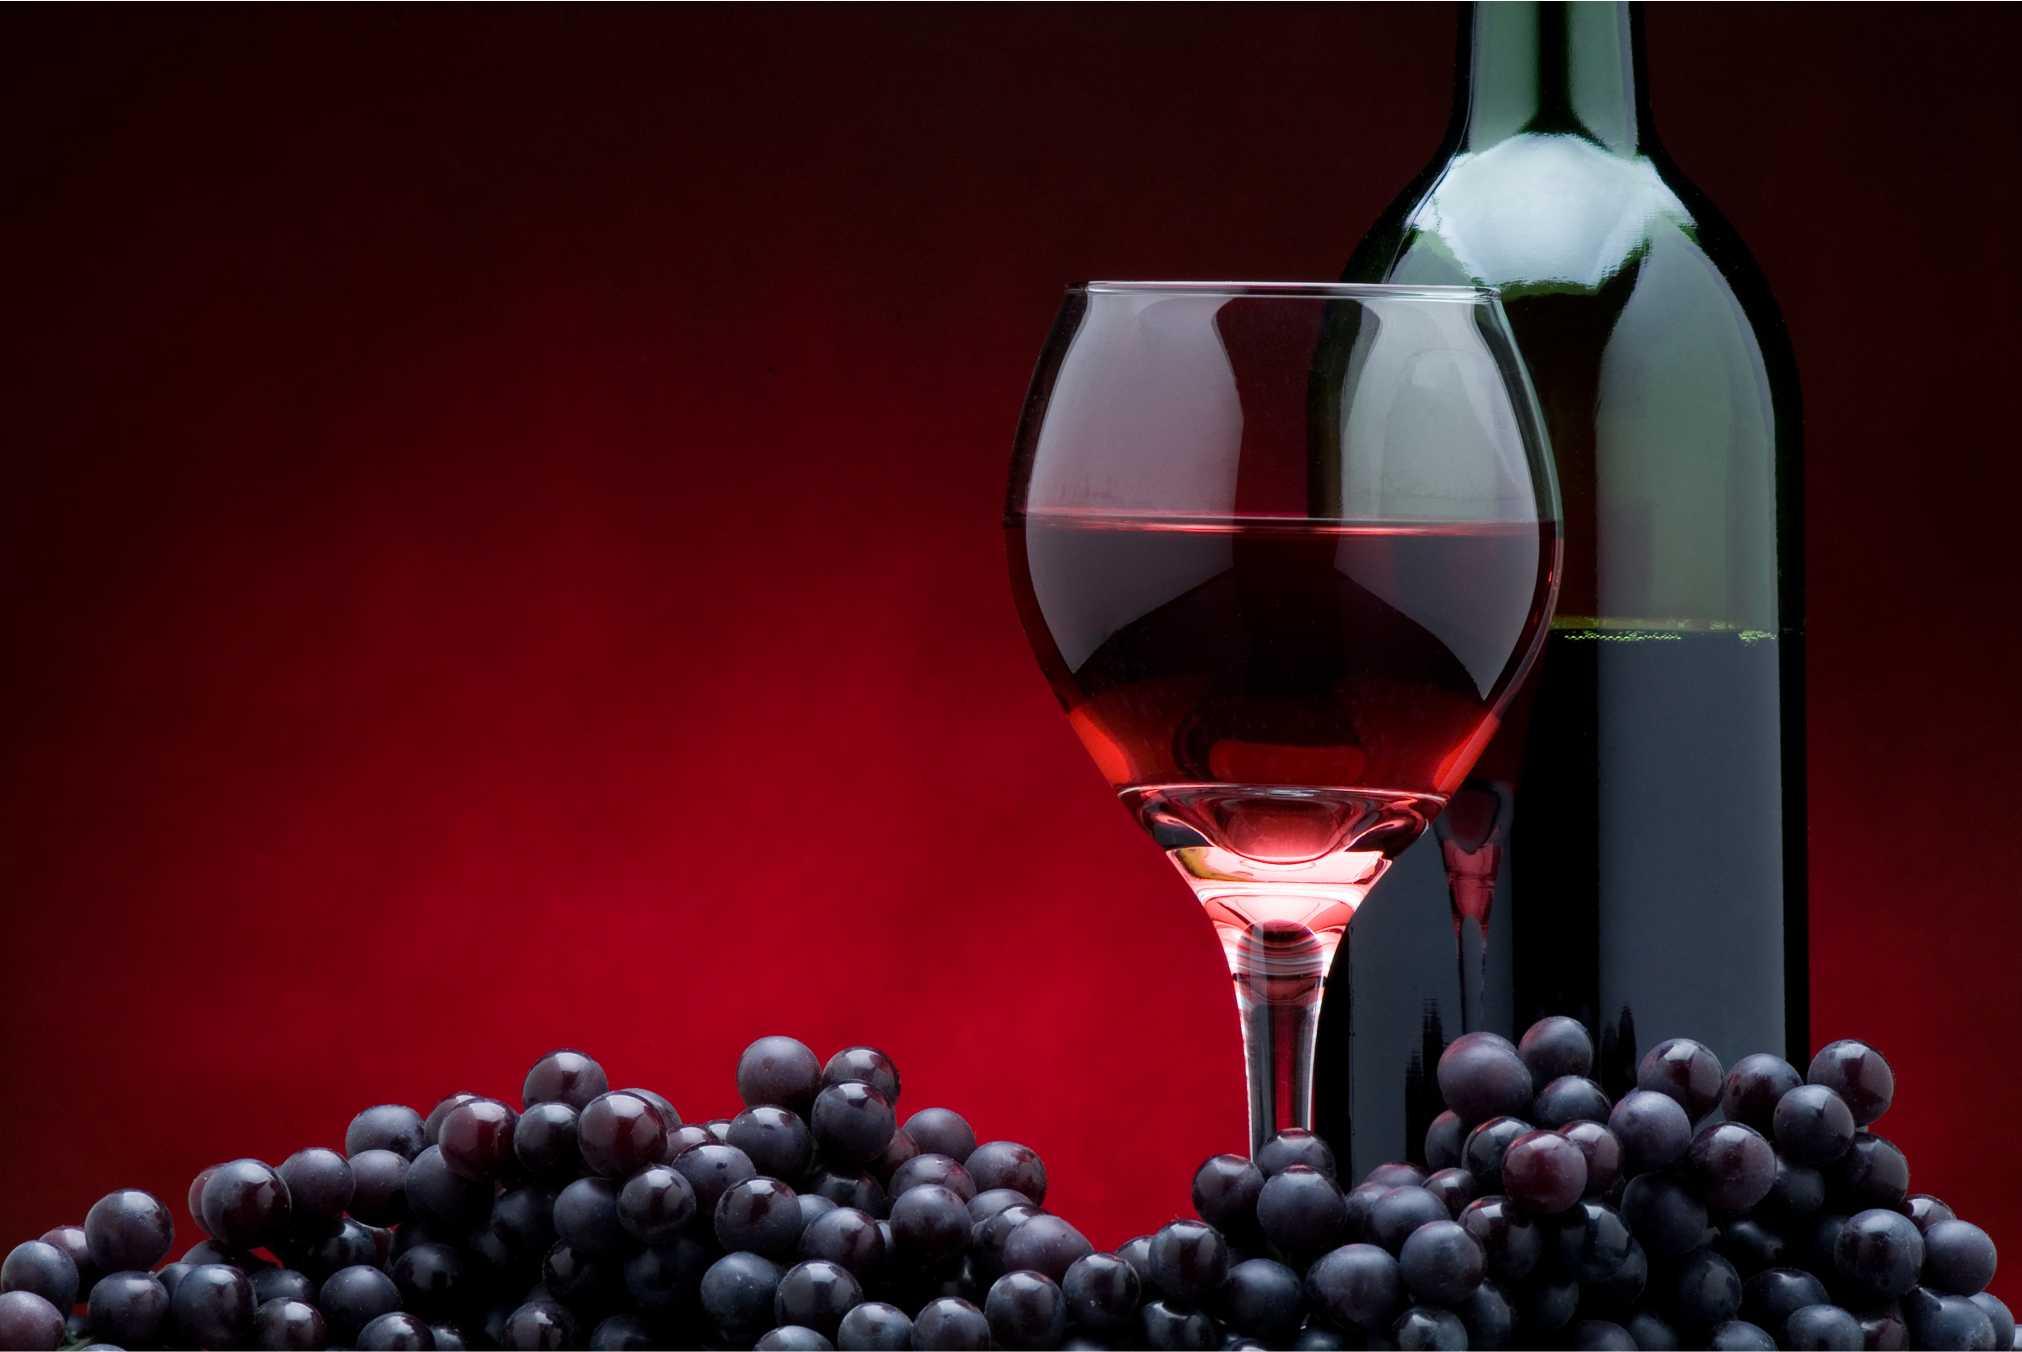 ARTIGO – Verdades e mentiras sobre o vinho – Manoel Alves Rabelo